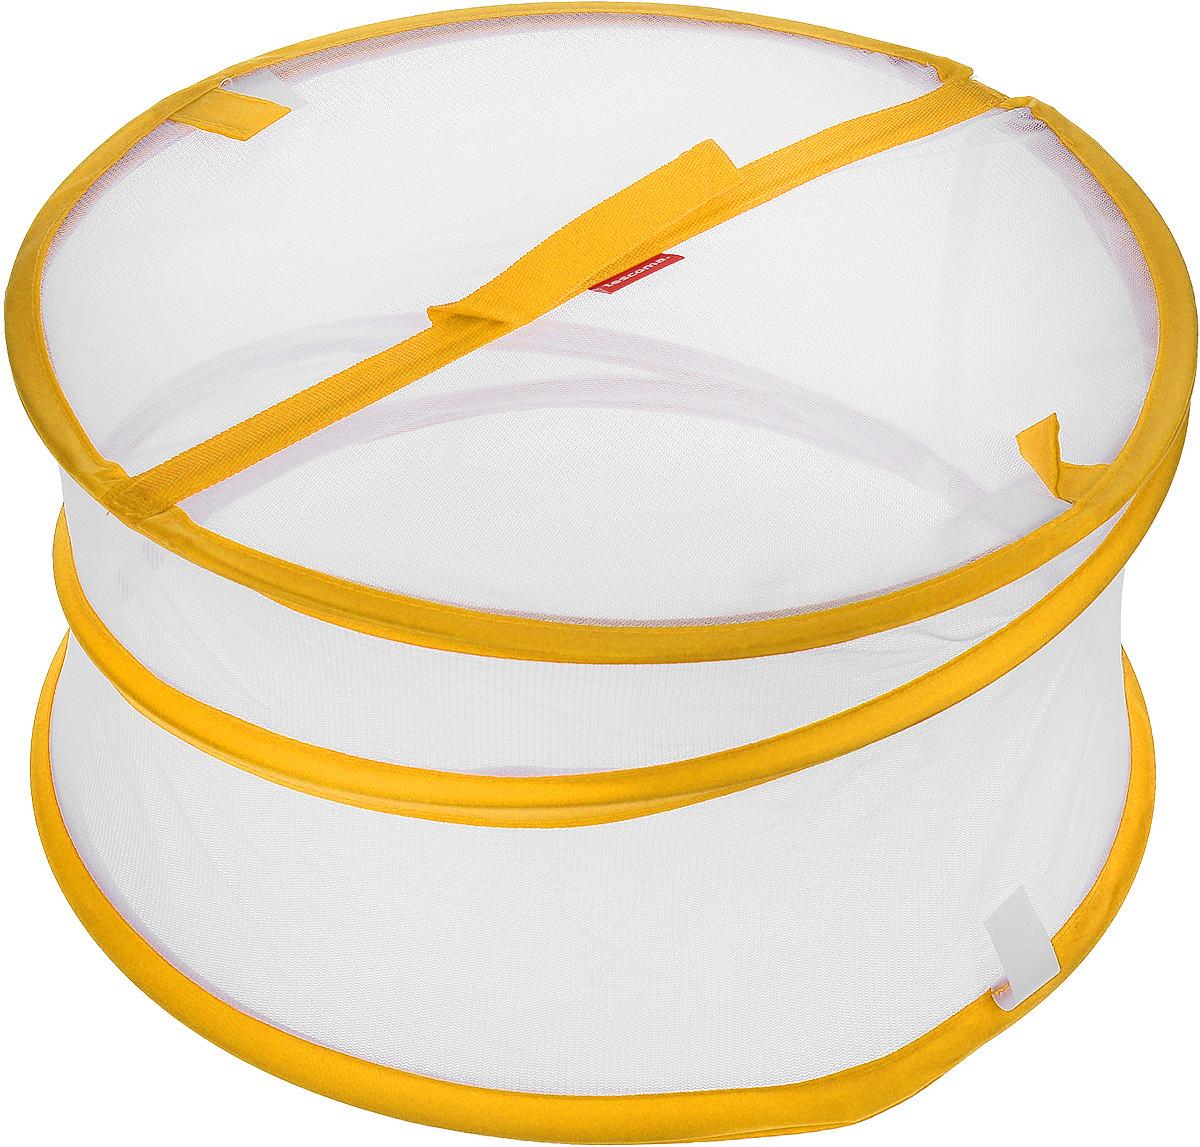 Крышка для пищевых продуктов Tescoma Delicia, складная, цвет: белый, оранжевый, диаметр 35 см391602Крышка для пищевых продуктов Tescoma Delicia защитит еду от пыли и насекомых дома и на открытом воздухе. Крышка изготовлена из сетчатого текстиля и оснащена гибким металлическим каркасом. Просто составьте посуду с едой и накройте ее крышкой. Для легкого доступа изделие снабжено откидным верхом на липучке. Крышка легко складывается и раскладывается, при хранении занимает минимум пространства. Высота в разложенном виде: 20 см. Высота в сложенном виде: 1 см.